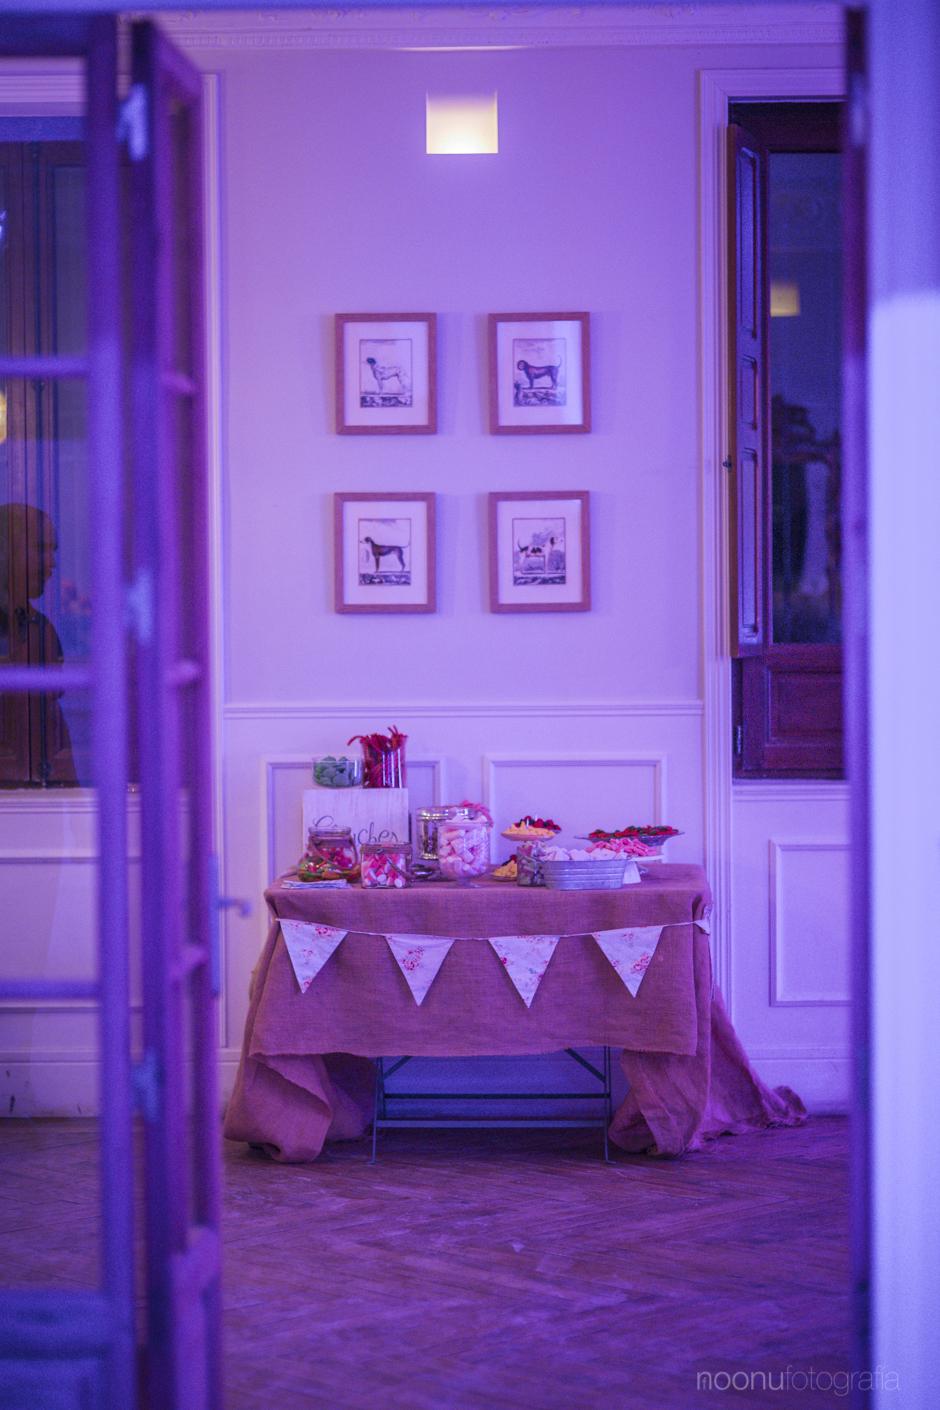 noonu-fotografo-de-bodas-madrid-natalia-5-2